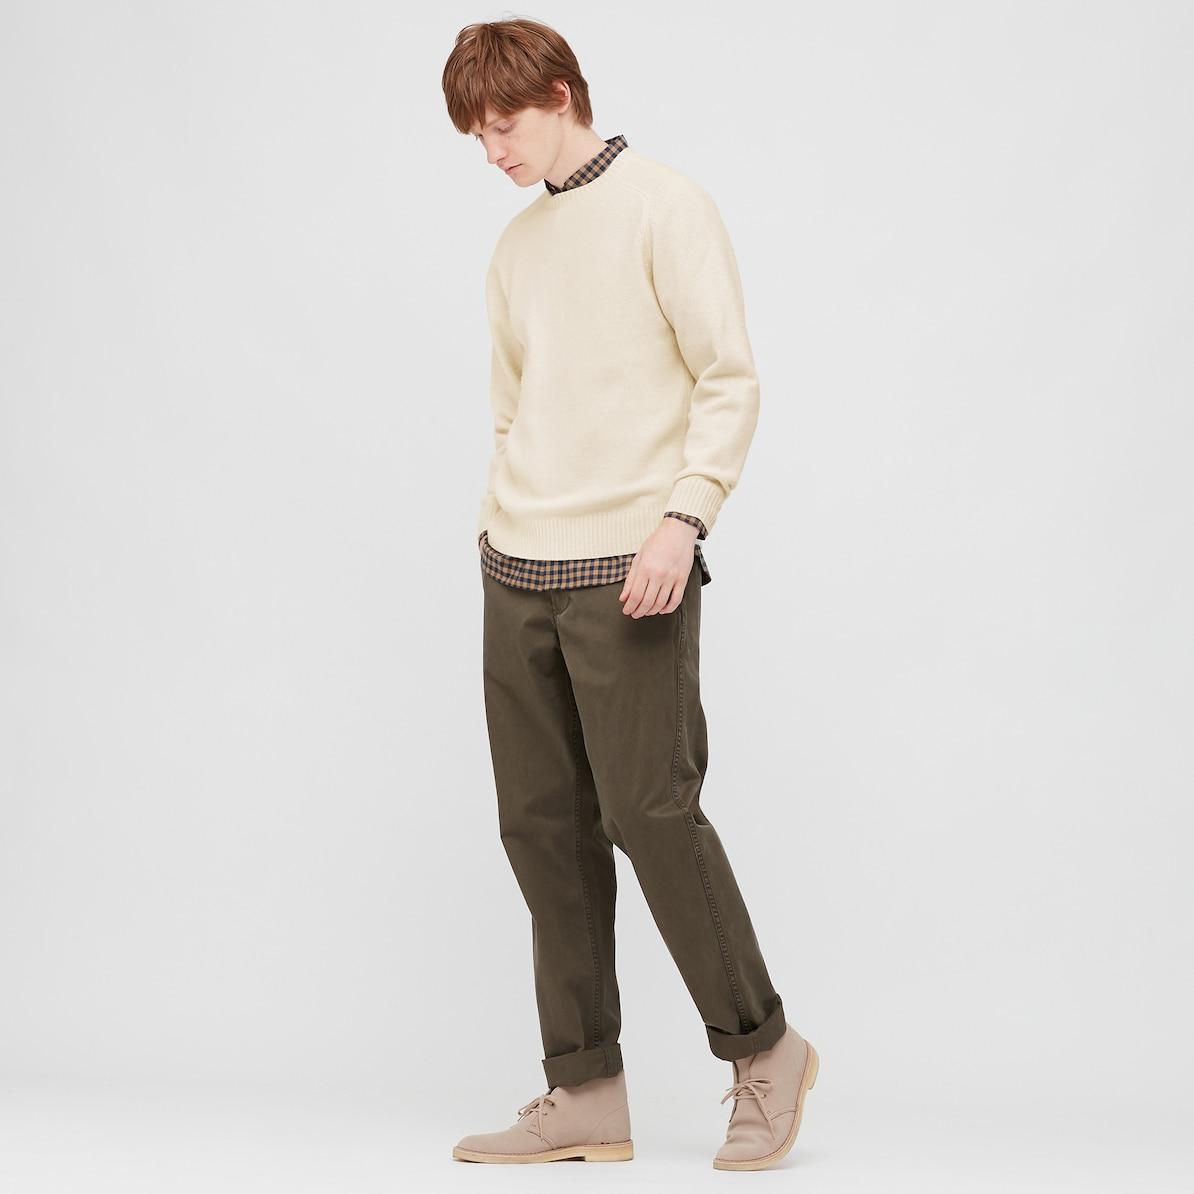 ユニクロ、メンズ、クルーネックセーター